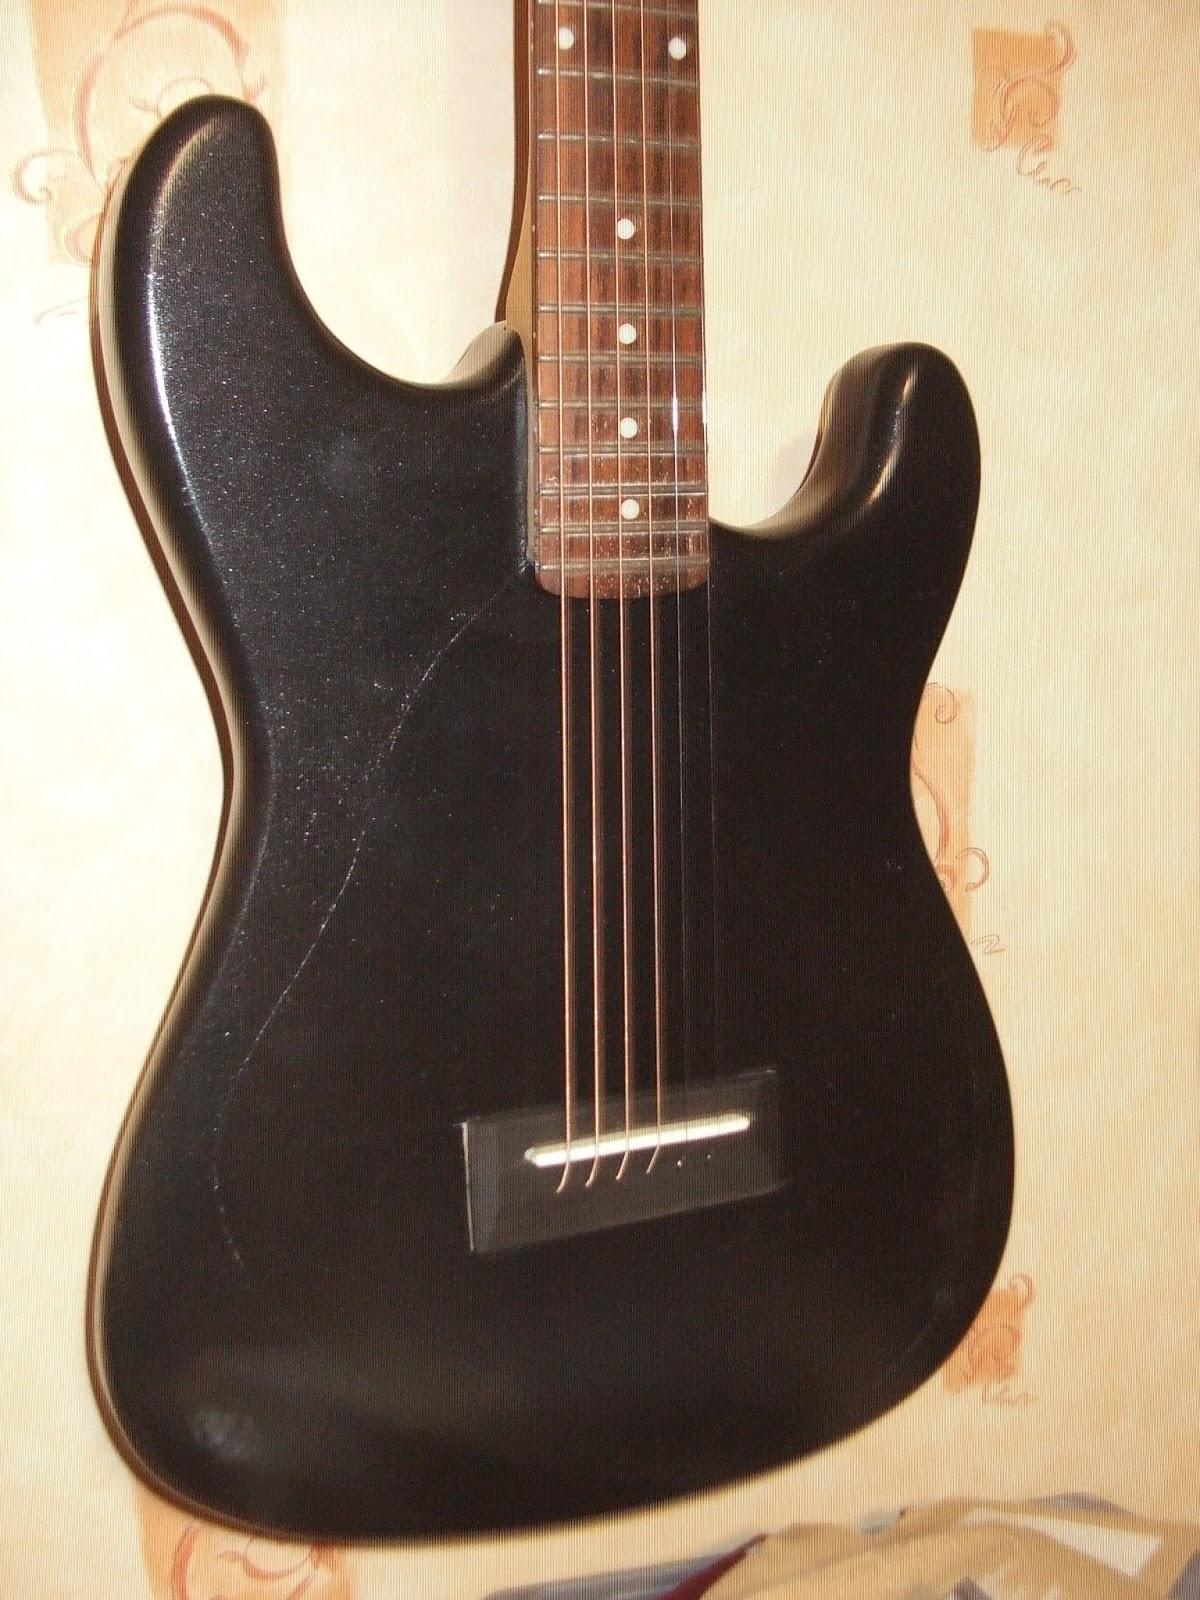 DSCF7200.JPG